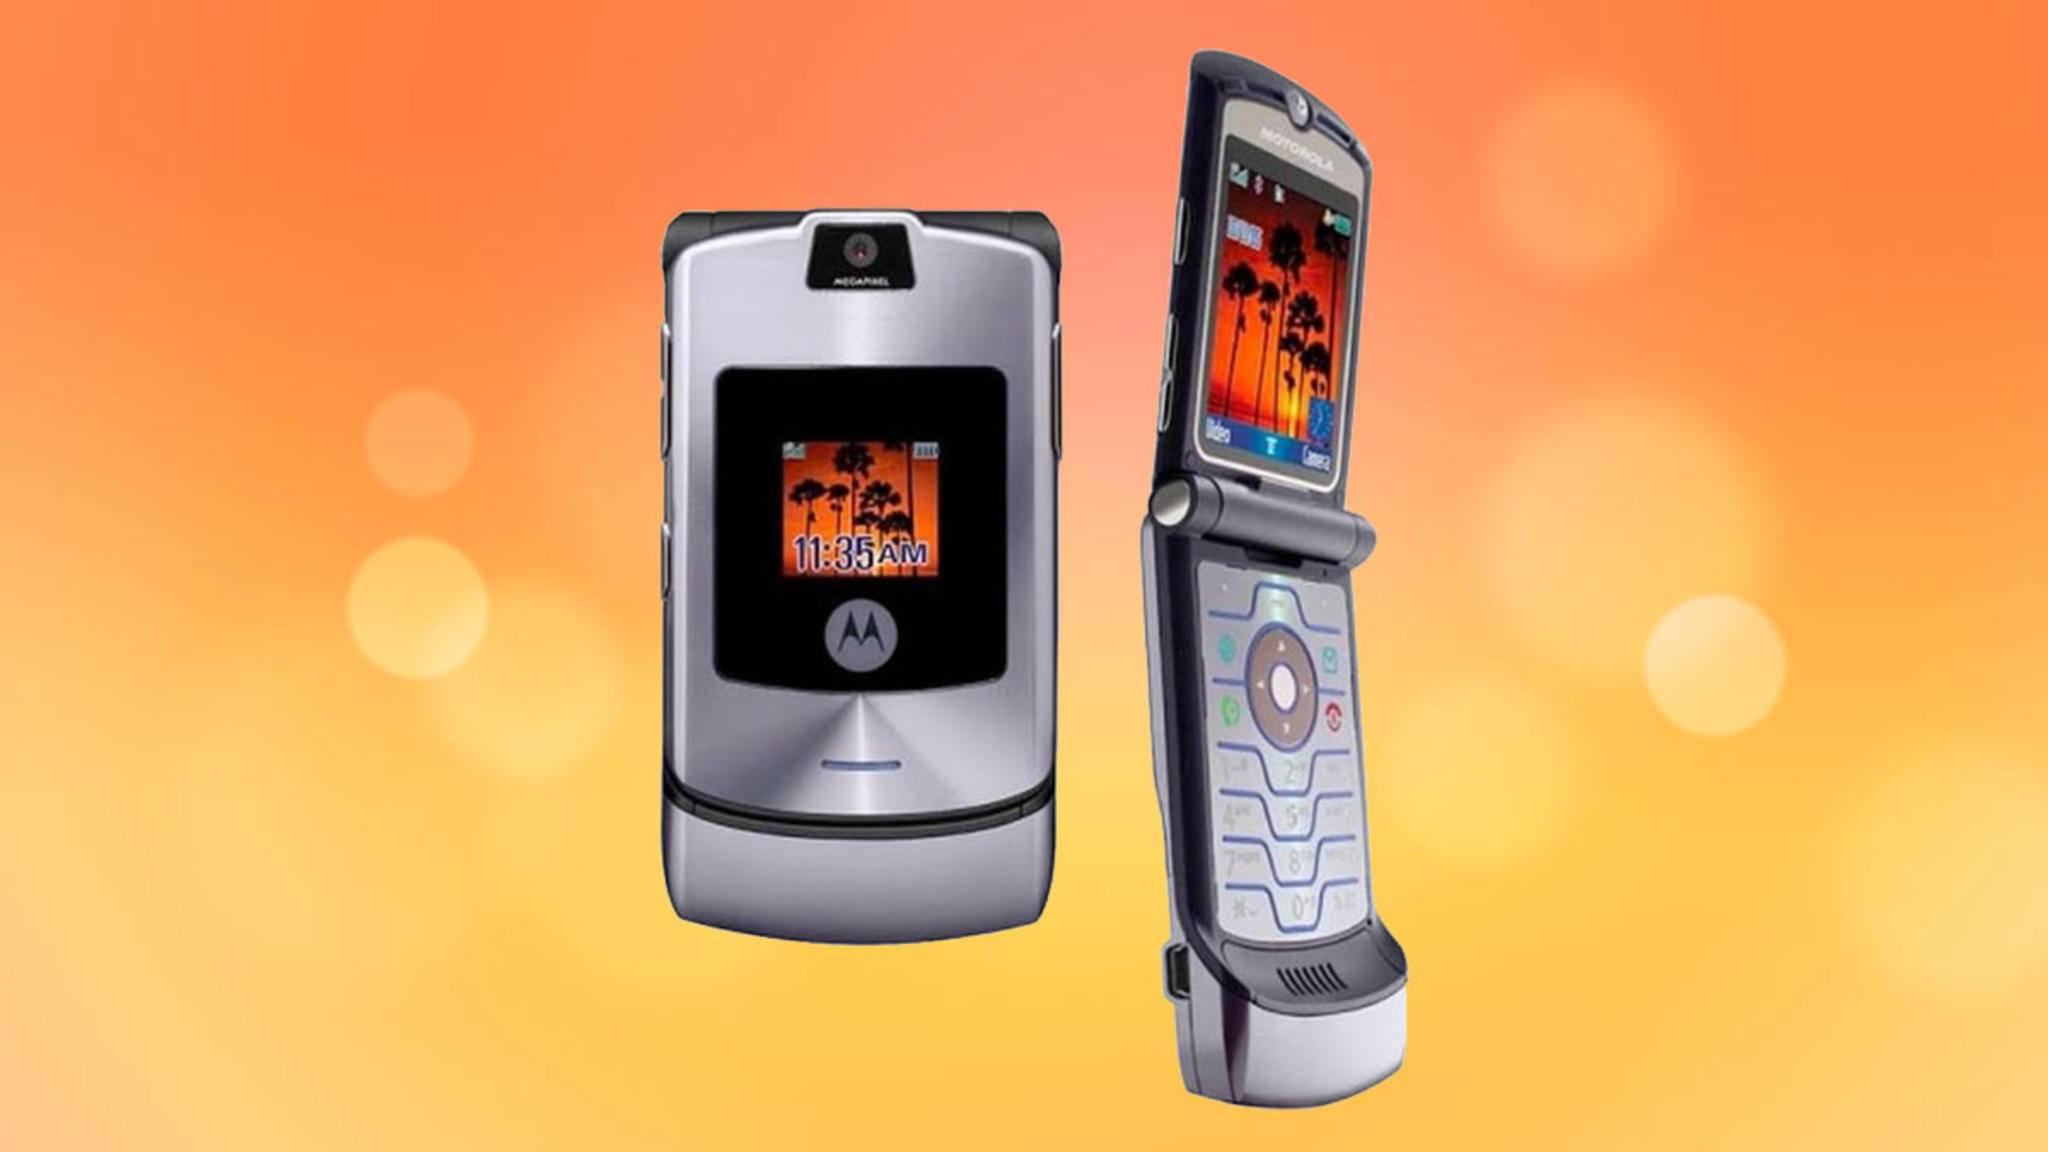 Genießt zurecht Kultstatus: Das RAZR-Handy von Motorola.